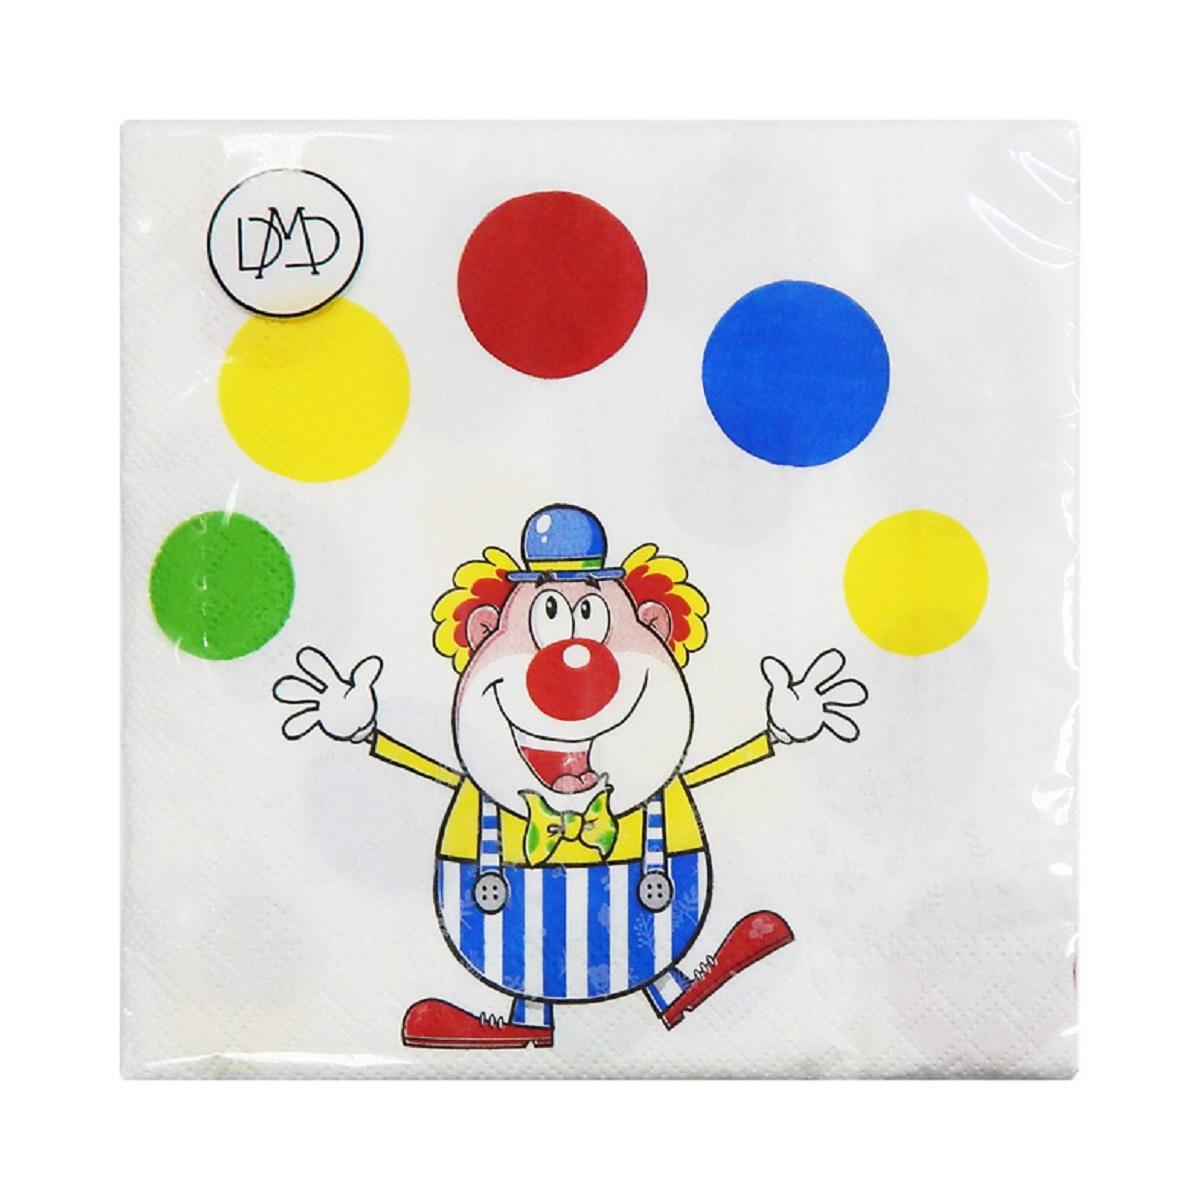 Бумажные салфетки DMD Клоун, 33х33 см, три слоя, 20 шт98291124Для бытового и санитарно-гигиенического назначения одноразового использования.